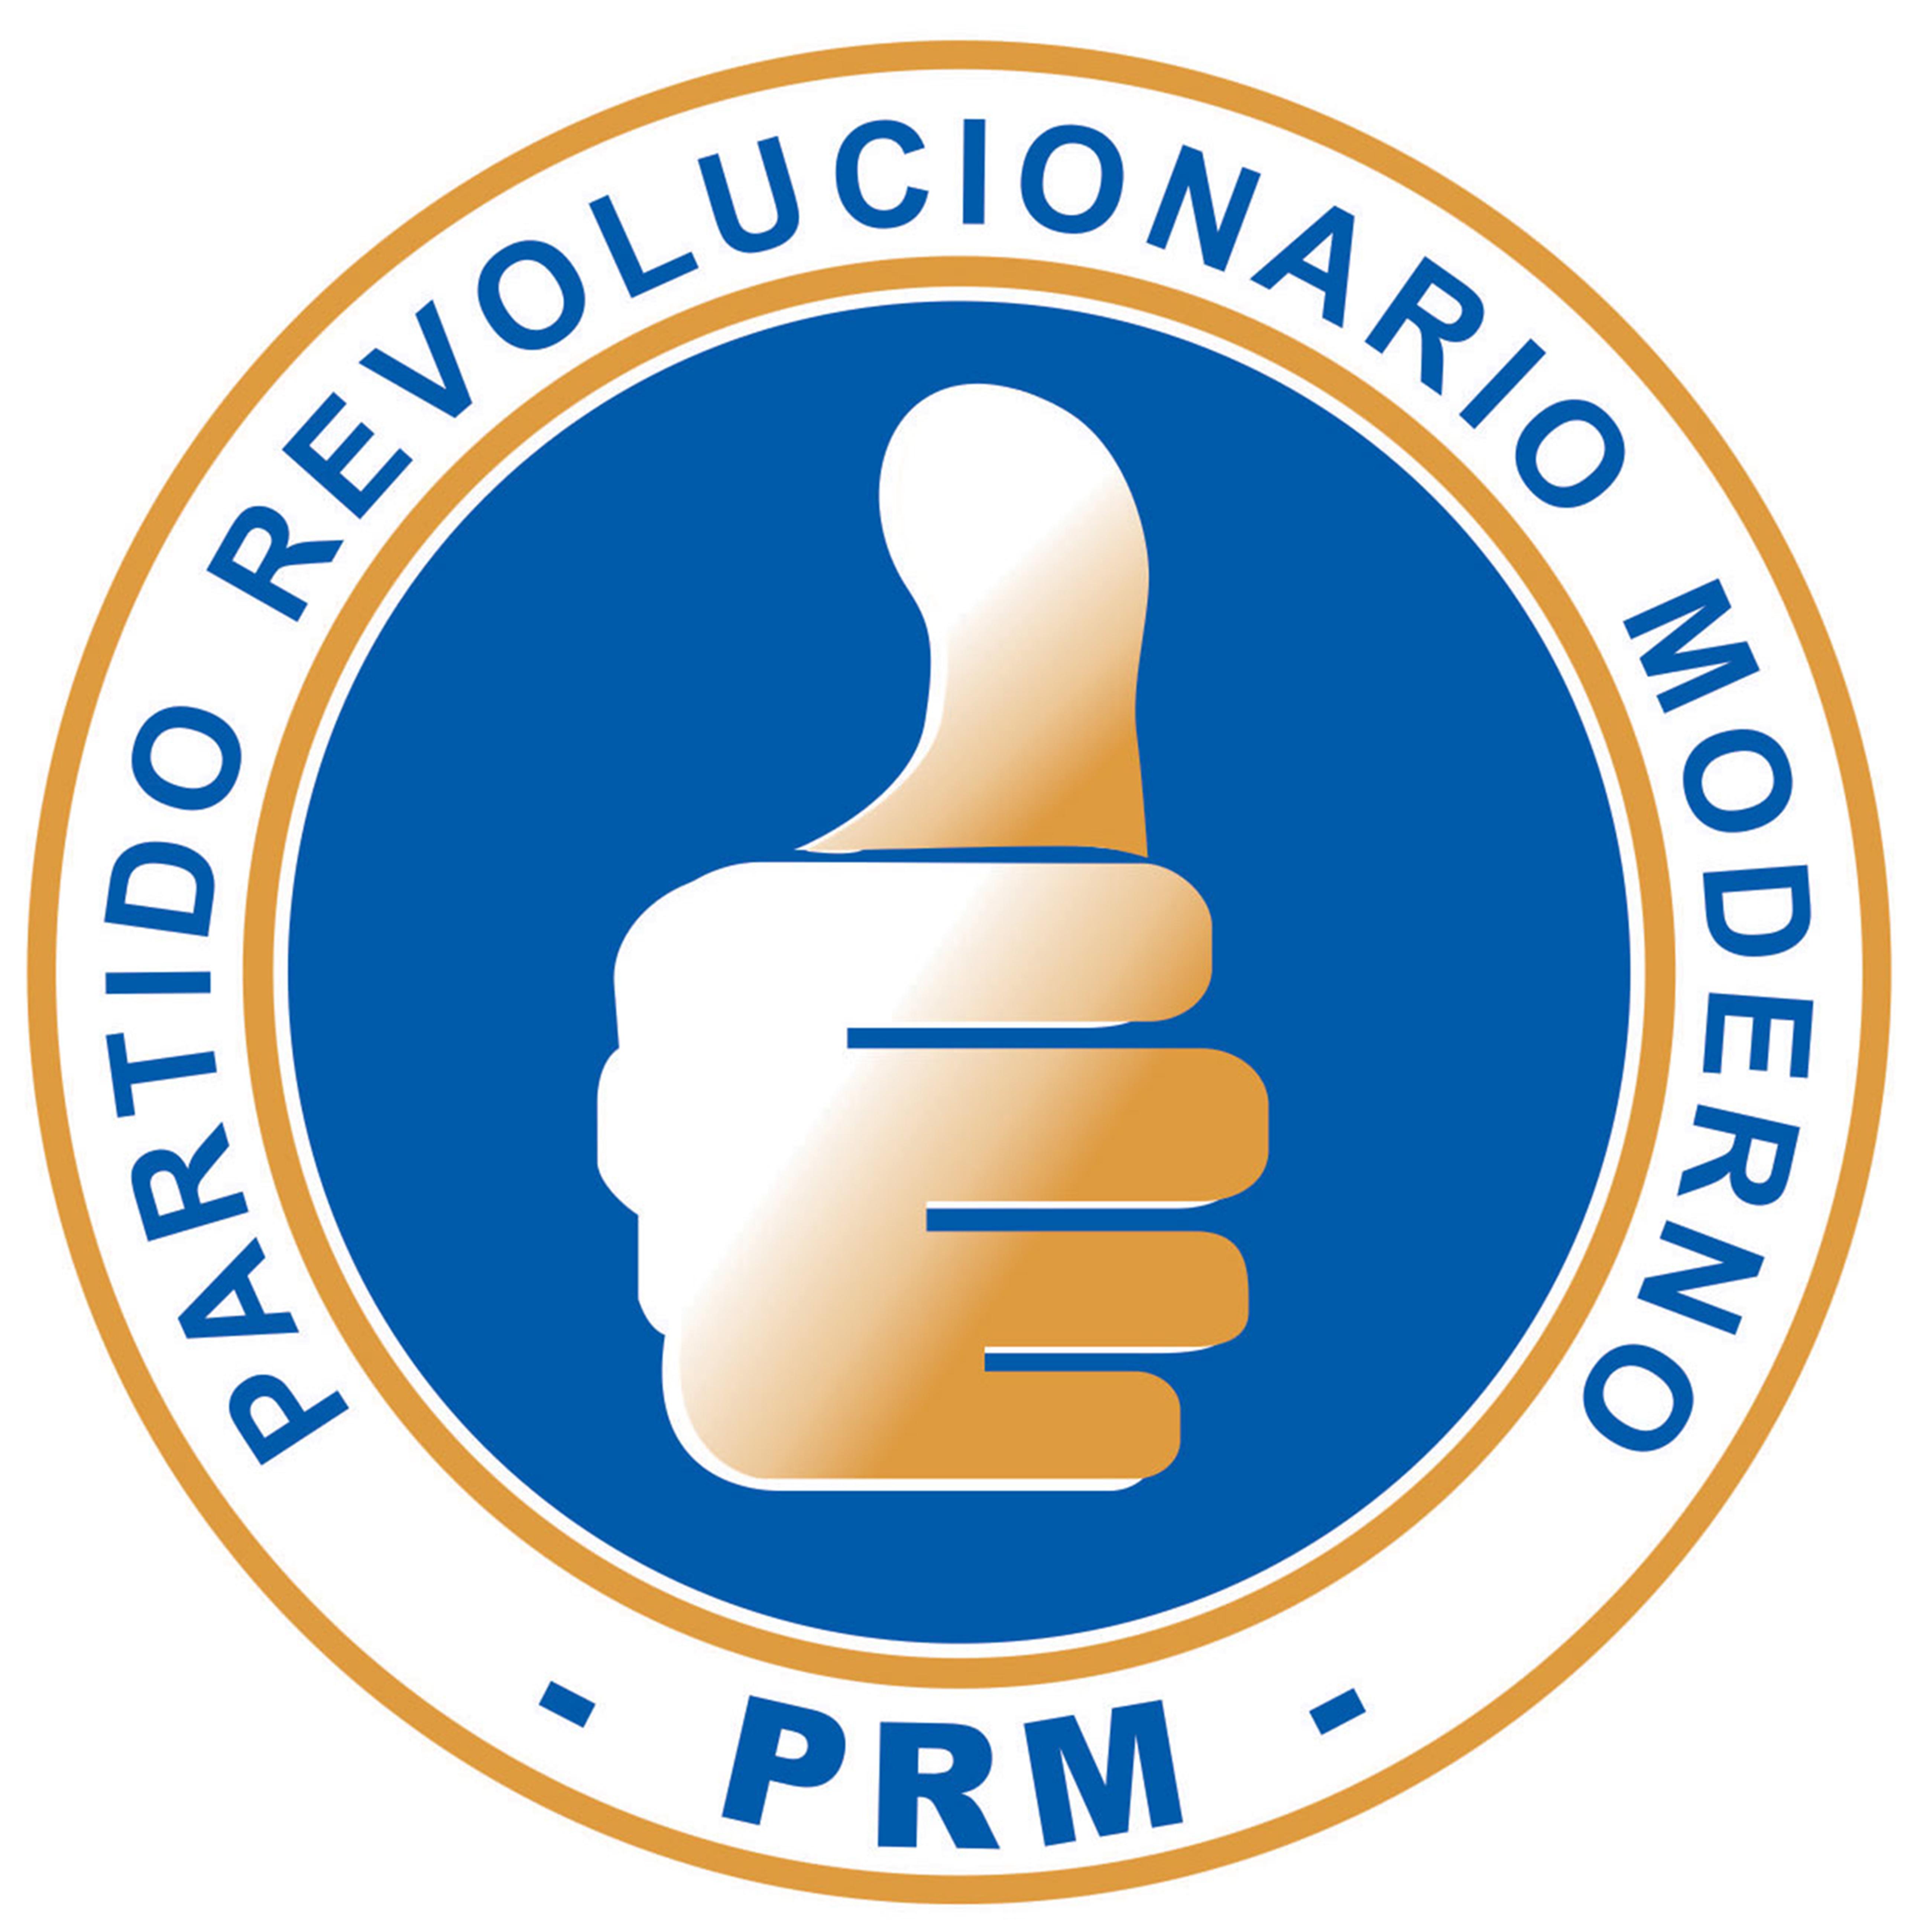 Convención del PRM será el 18 de febrero